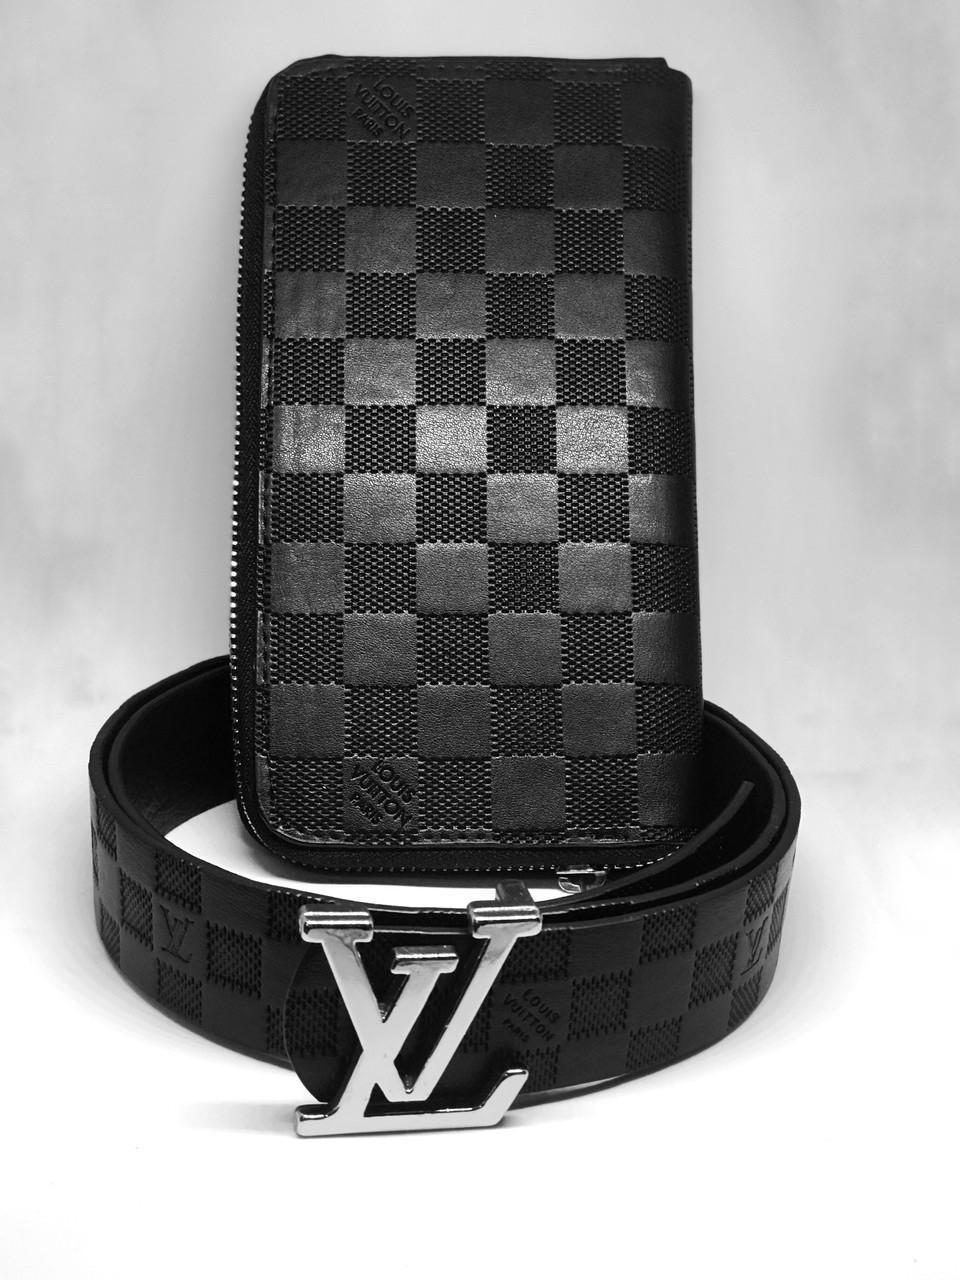 Ремень,  портмоне Подарочный набор Louis Vuitton CLEMENCE (реплика) black